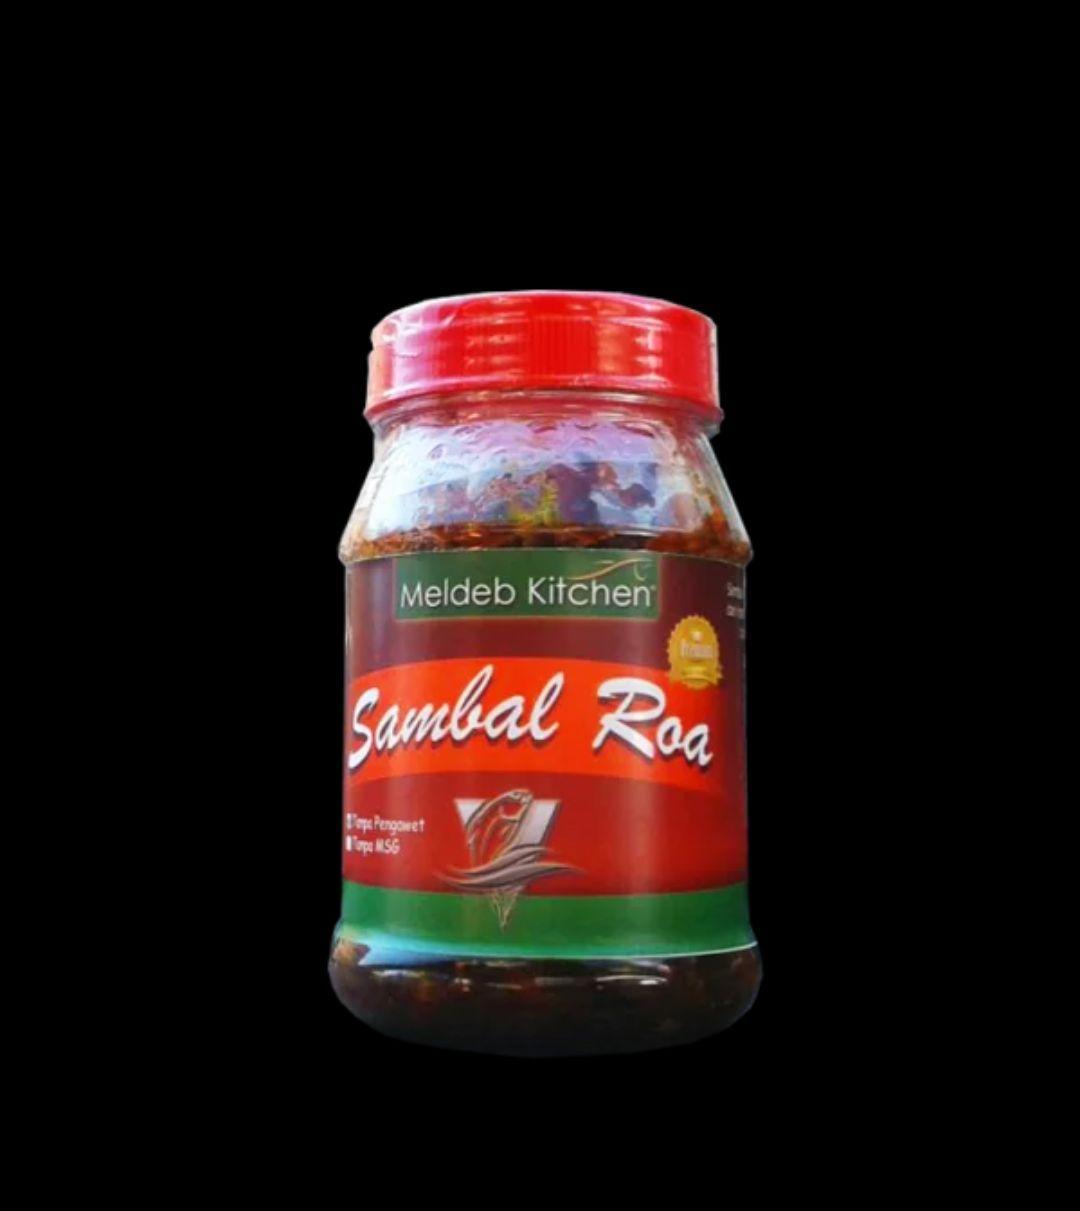 Sambal Roa Meldeb Kitchen Asli Roa Manado